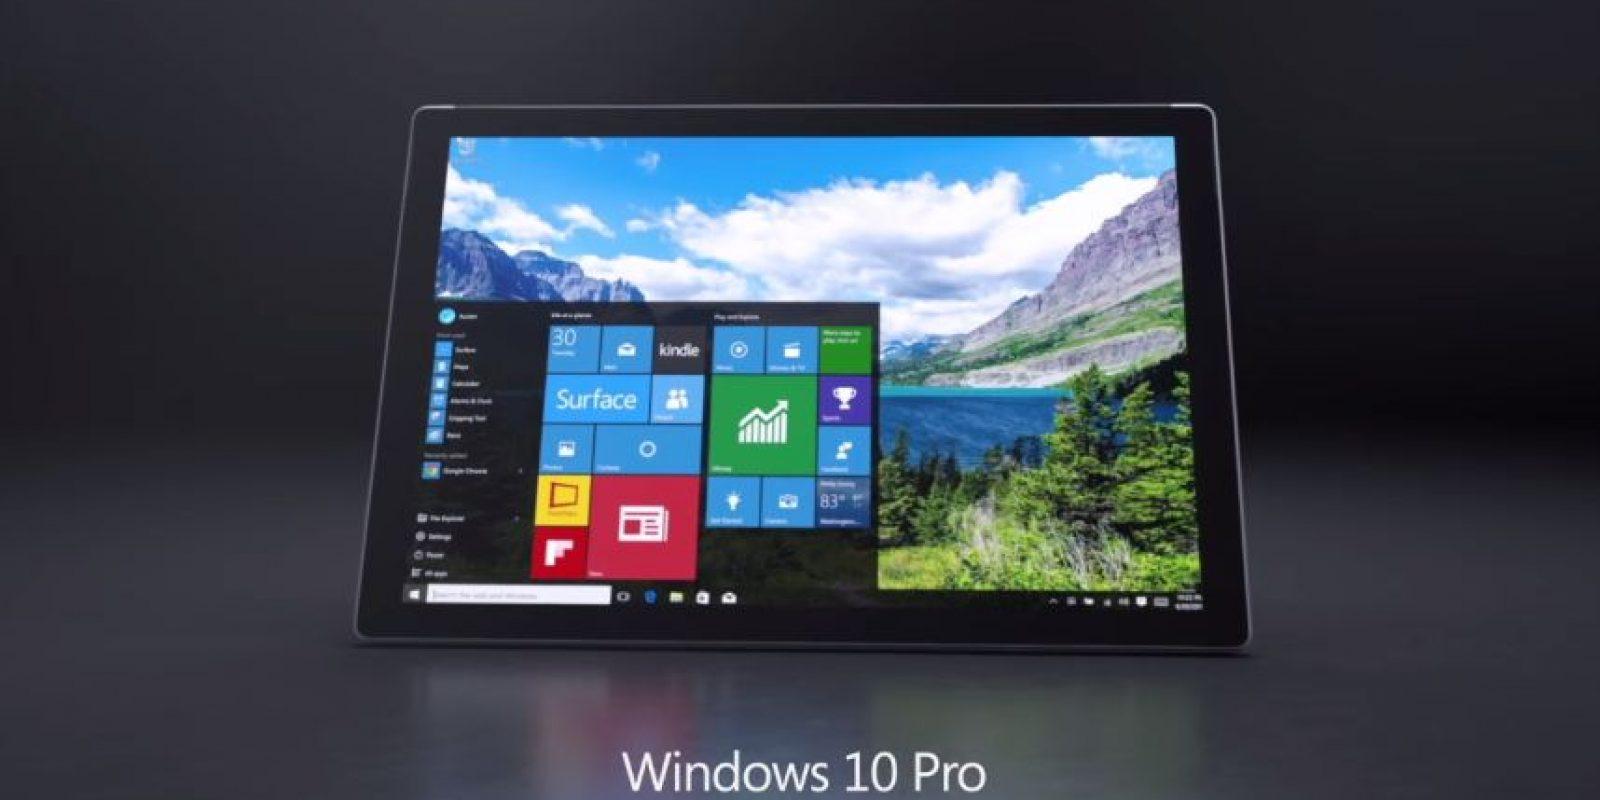 La pantalla, tiene un tamaño de 12,3 pulgadas y una resolución de 2736×1824 (267 ppp), la relación de aspecto es 3:2 Foto:Microsoft